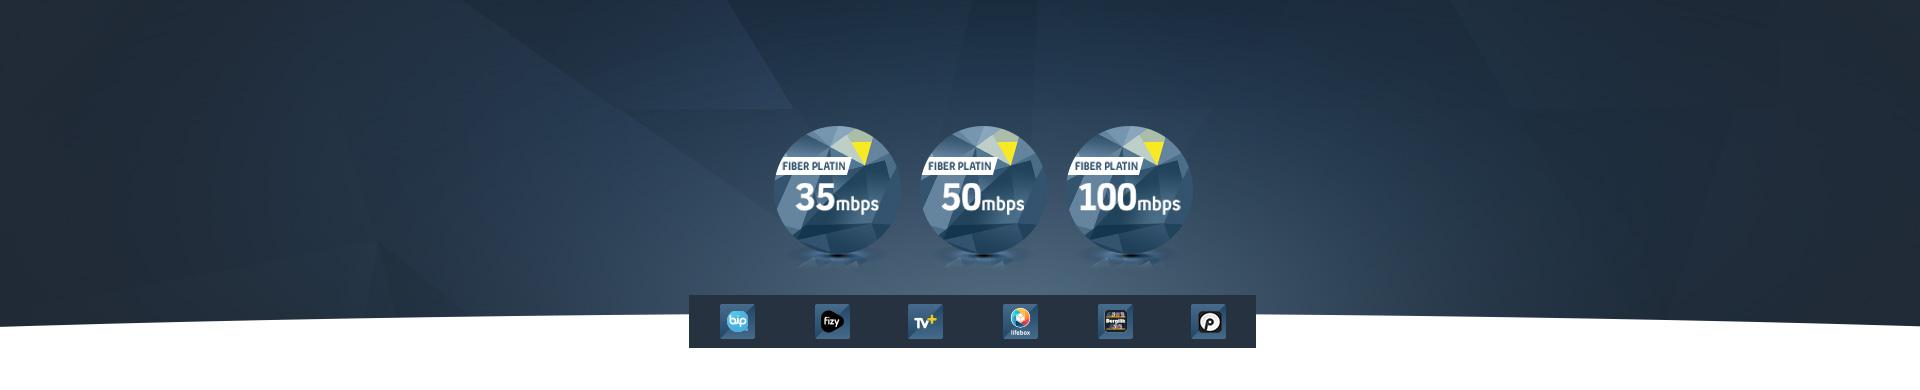 Eviniz İçin Fiber Platin Paketleri Seçin, Turkcell Platinum Ayrıcalıklarını Yaşayın.